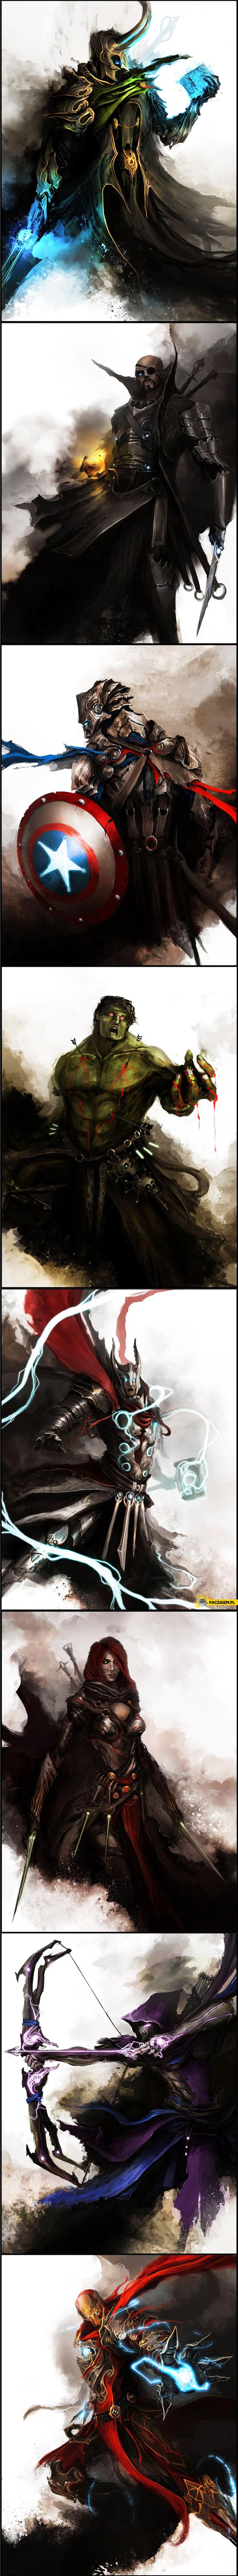 The Avengers ze średniowiecza